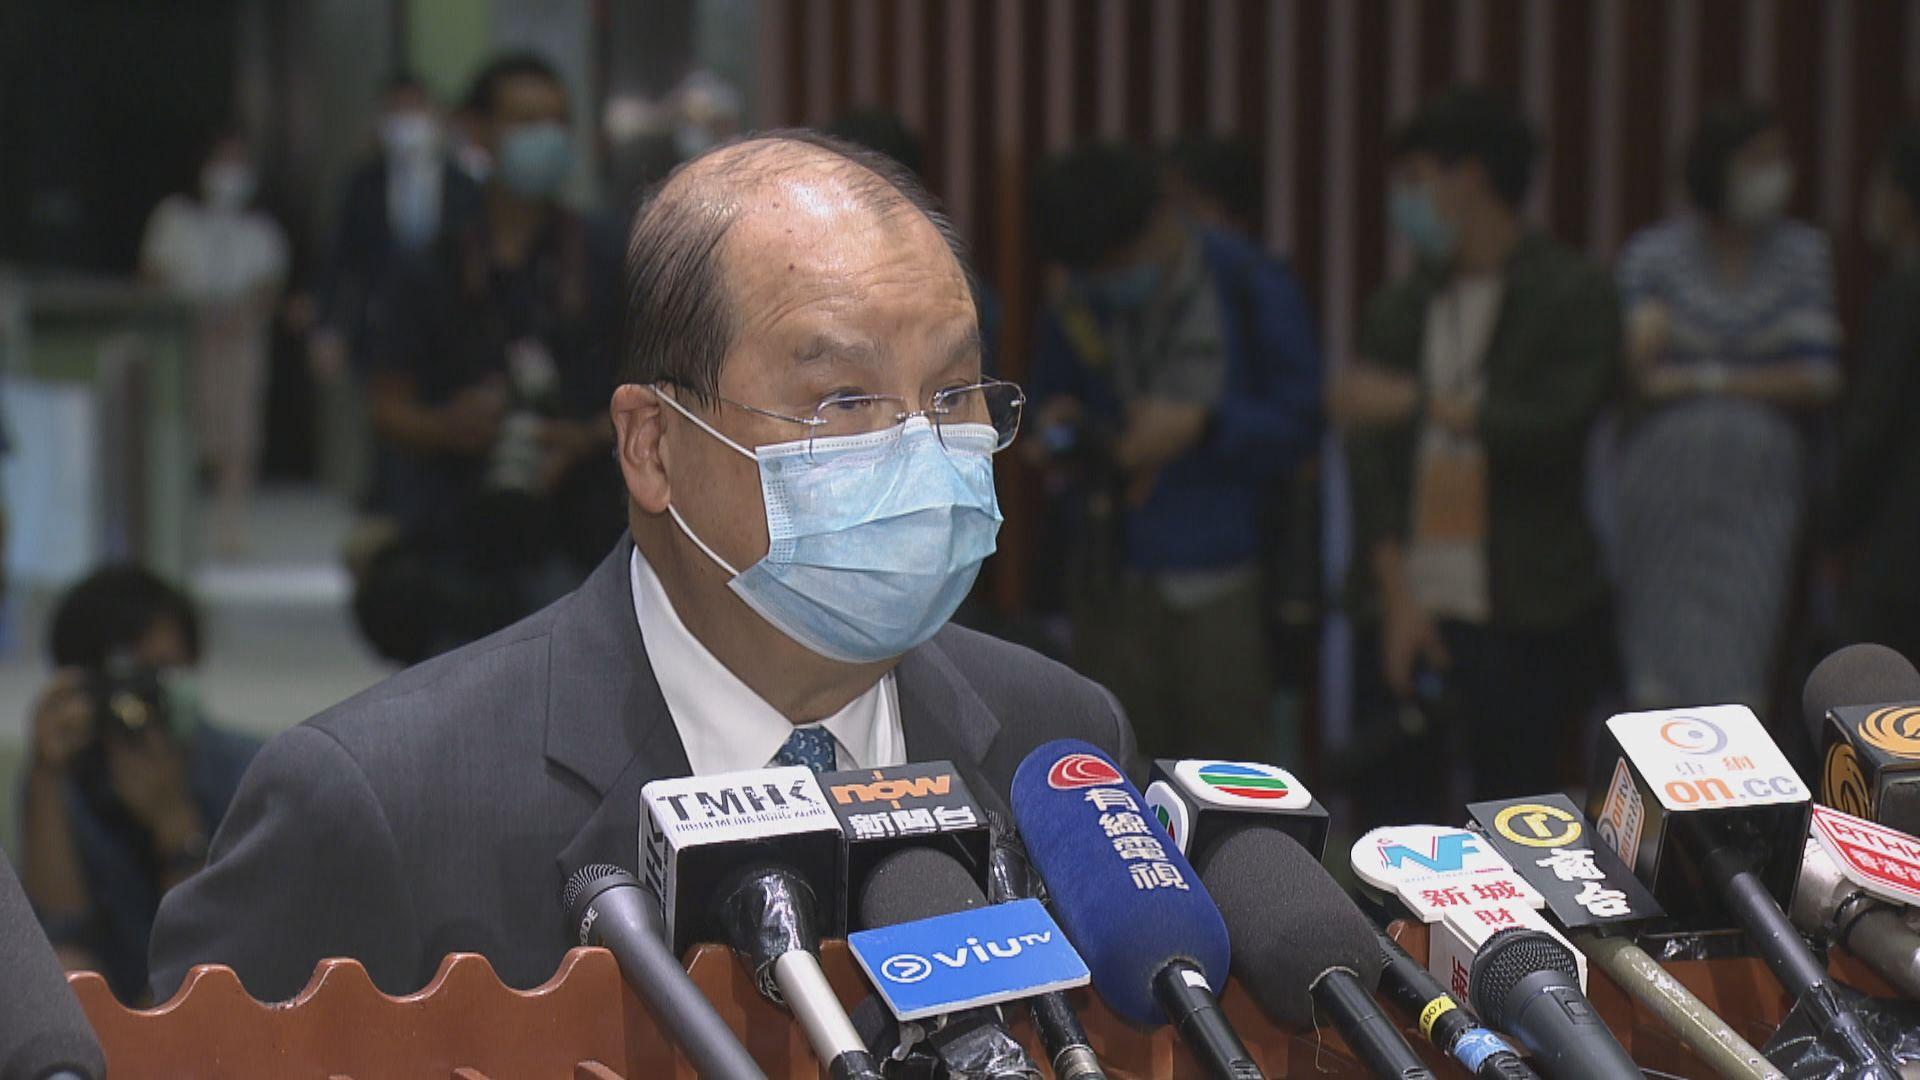 張建宗:現時有條件繼續維持公共服務